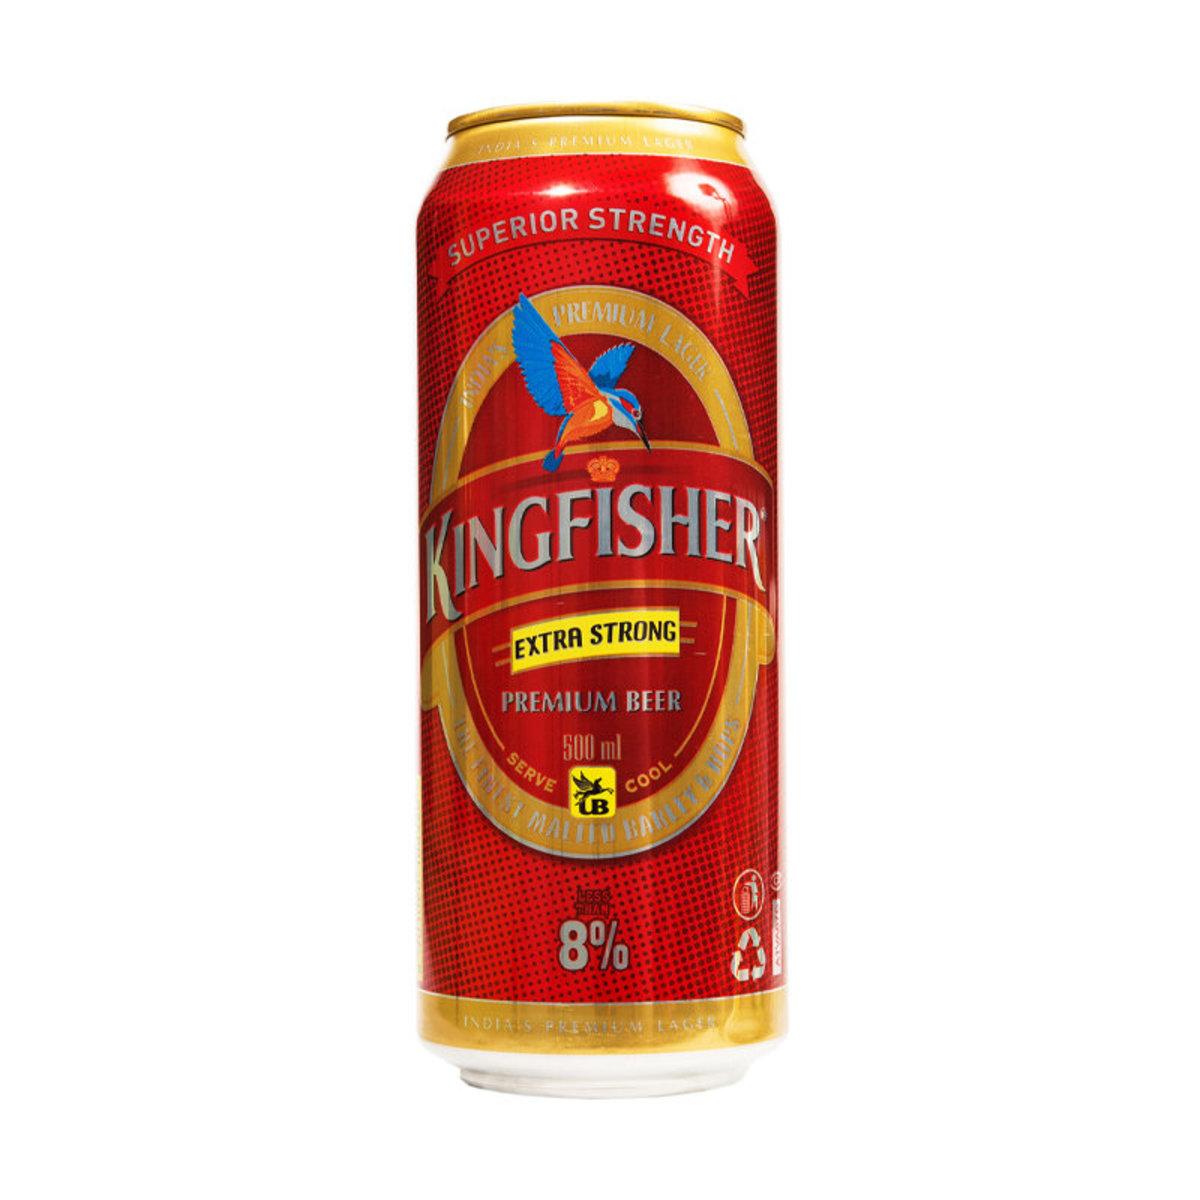 翠鳥特級啤酒500毫升 x 6